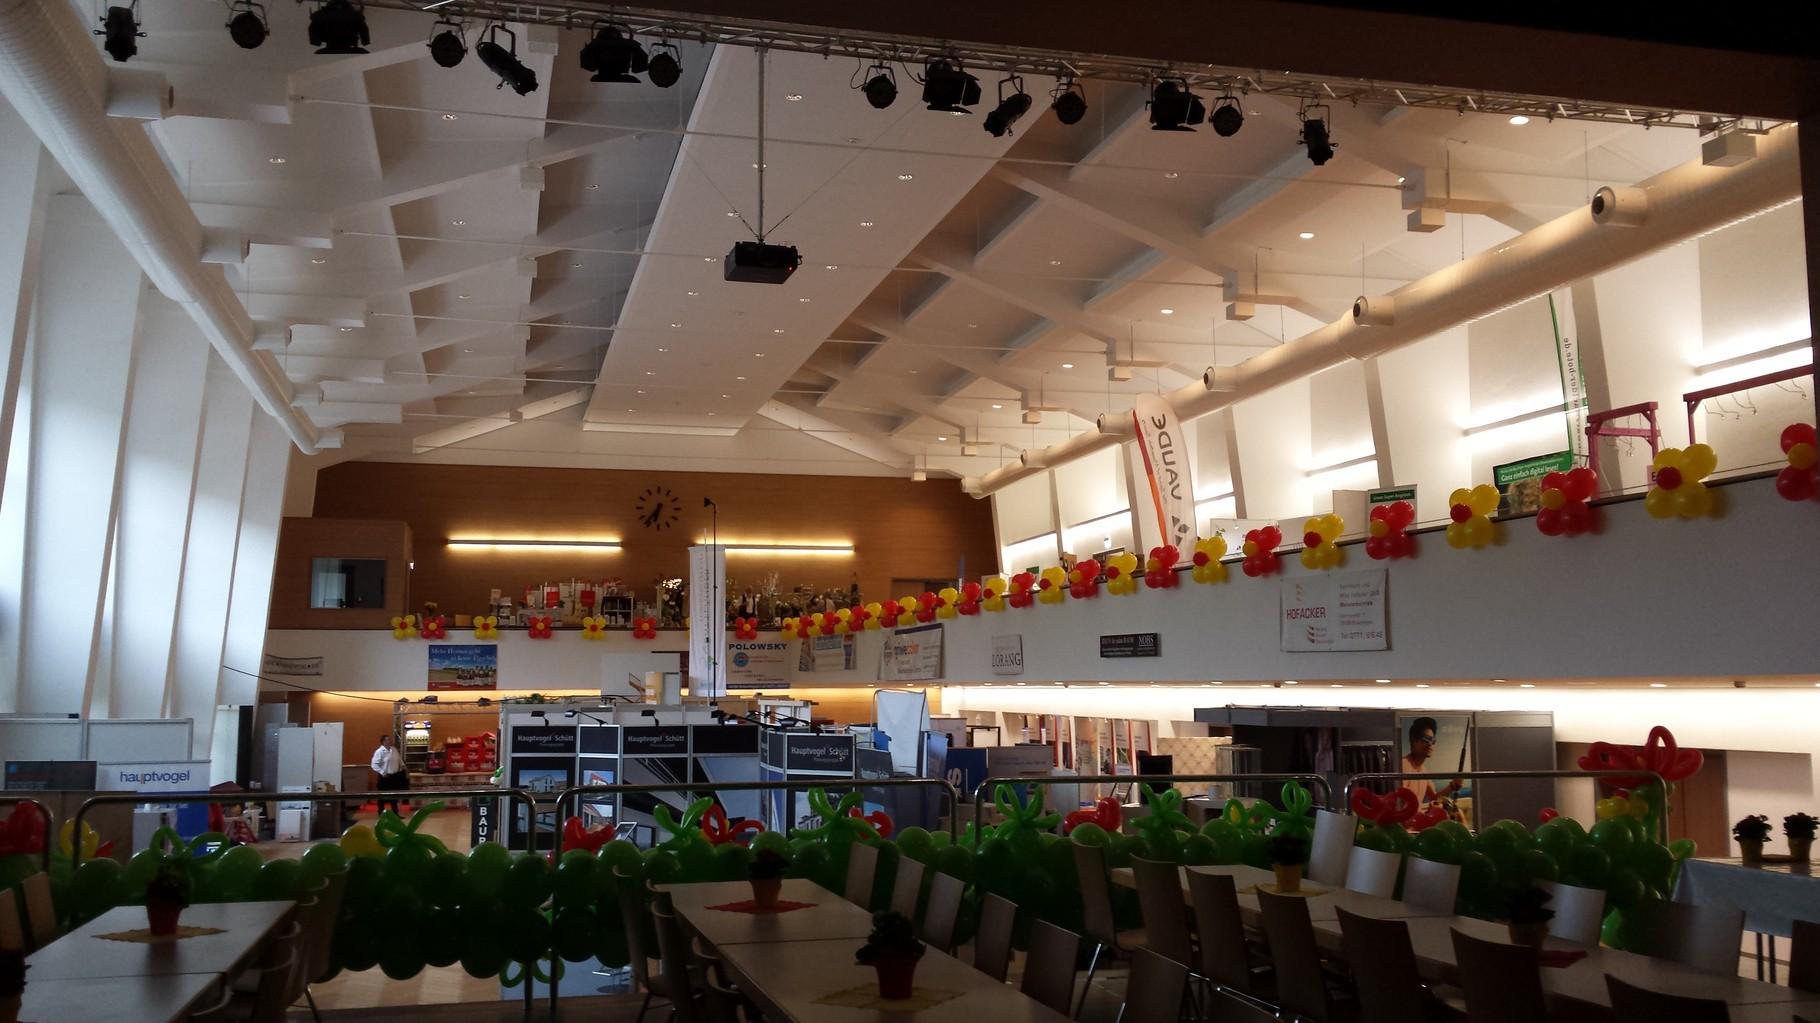 Ballonblumen als Verzierung der Empore Gewerbeschau Bräunlingen 2015